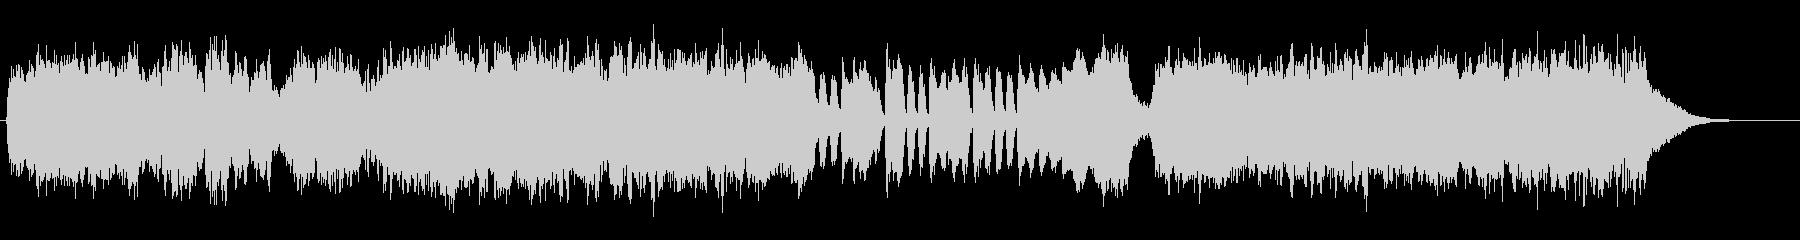 始まりをイメージした曲の未再生の波形